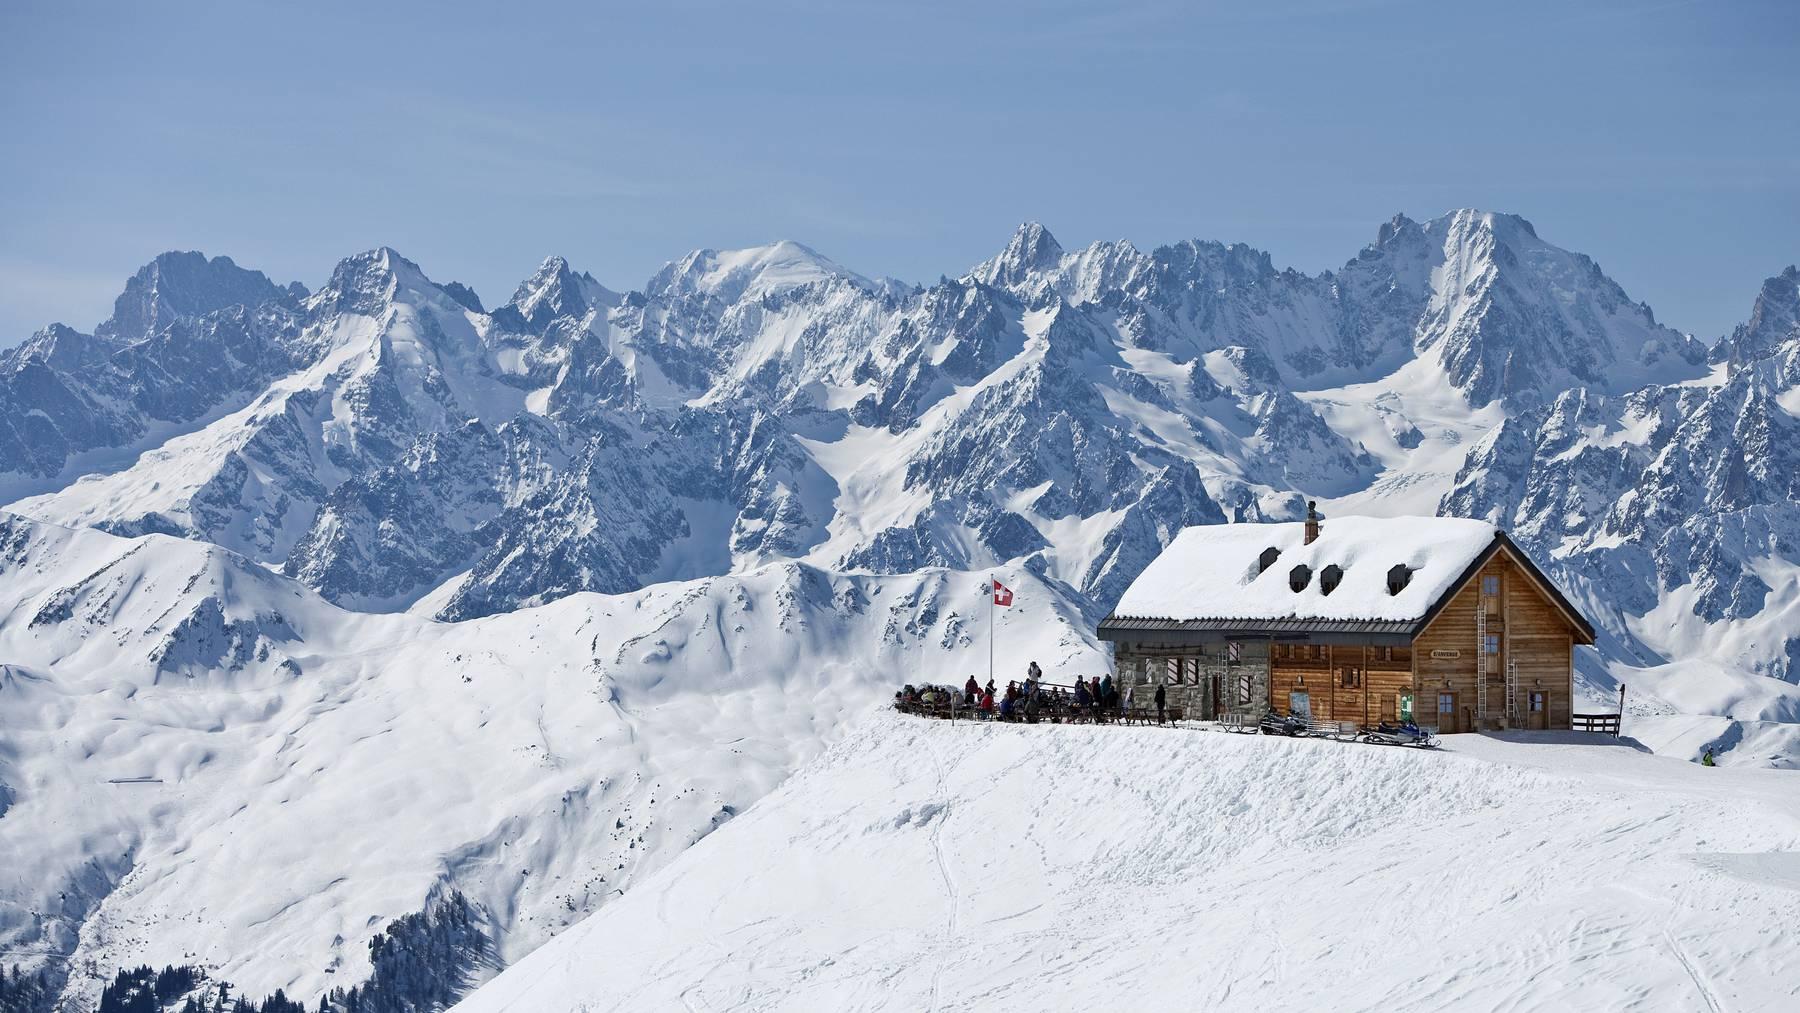 Das Wallis ist bei britischen Touristen vor allem als Destination von Skiferien sehr beliebt. (Symbolbild)